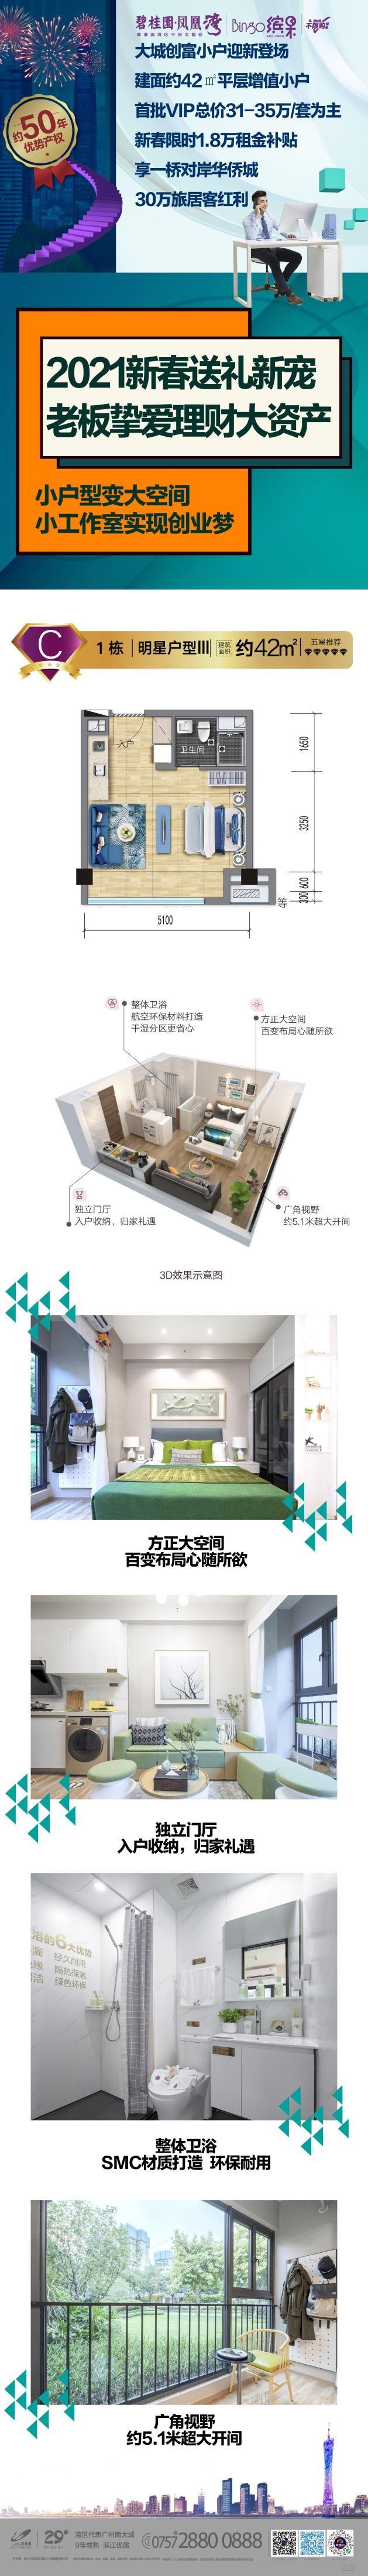 广州南标杆大城配套再升级!碧桂园·凤凰湾业主楼巴正式开通!